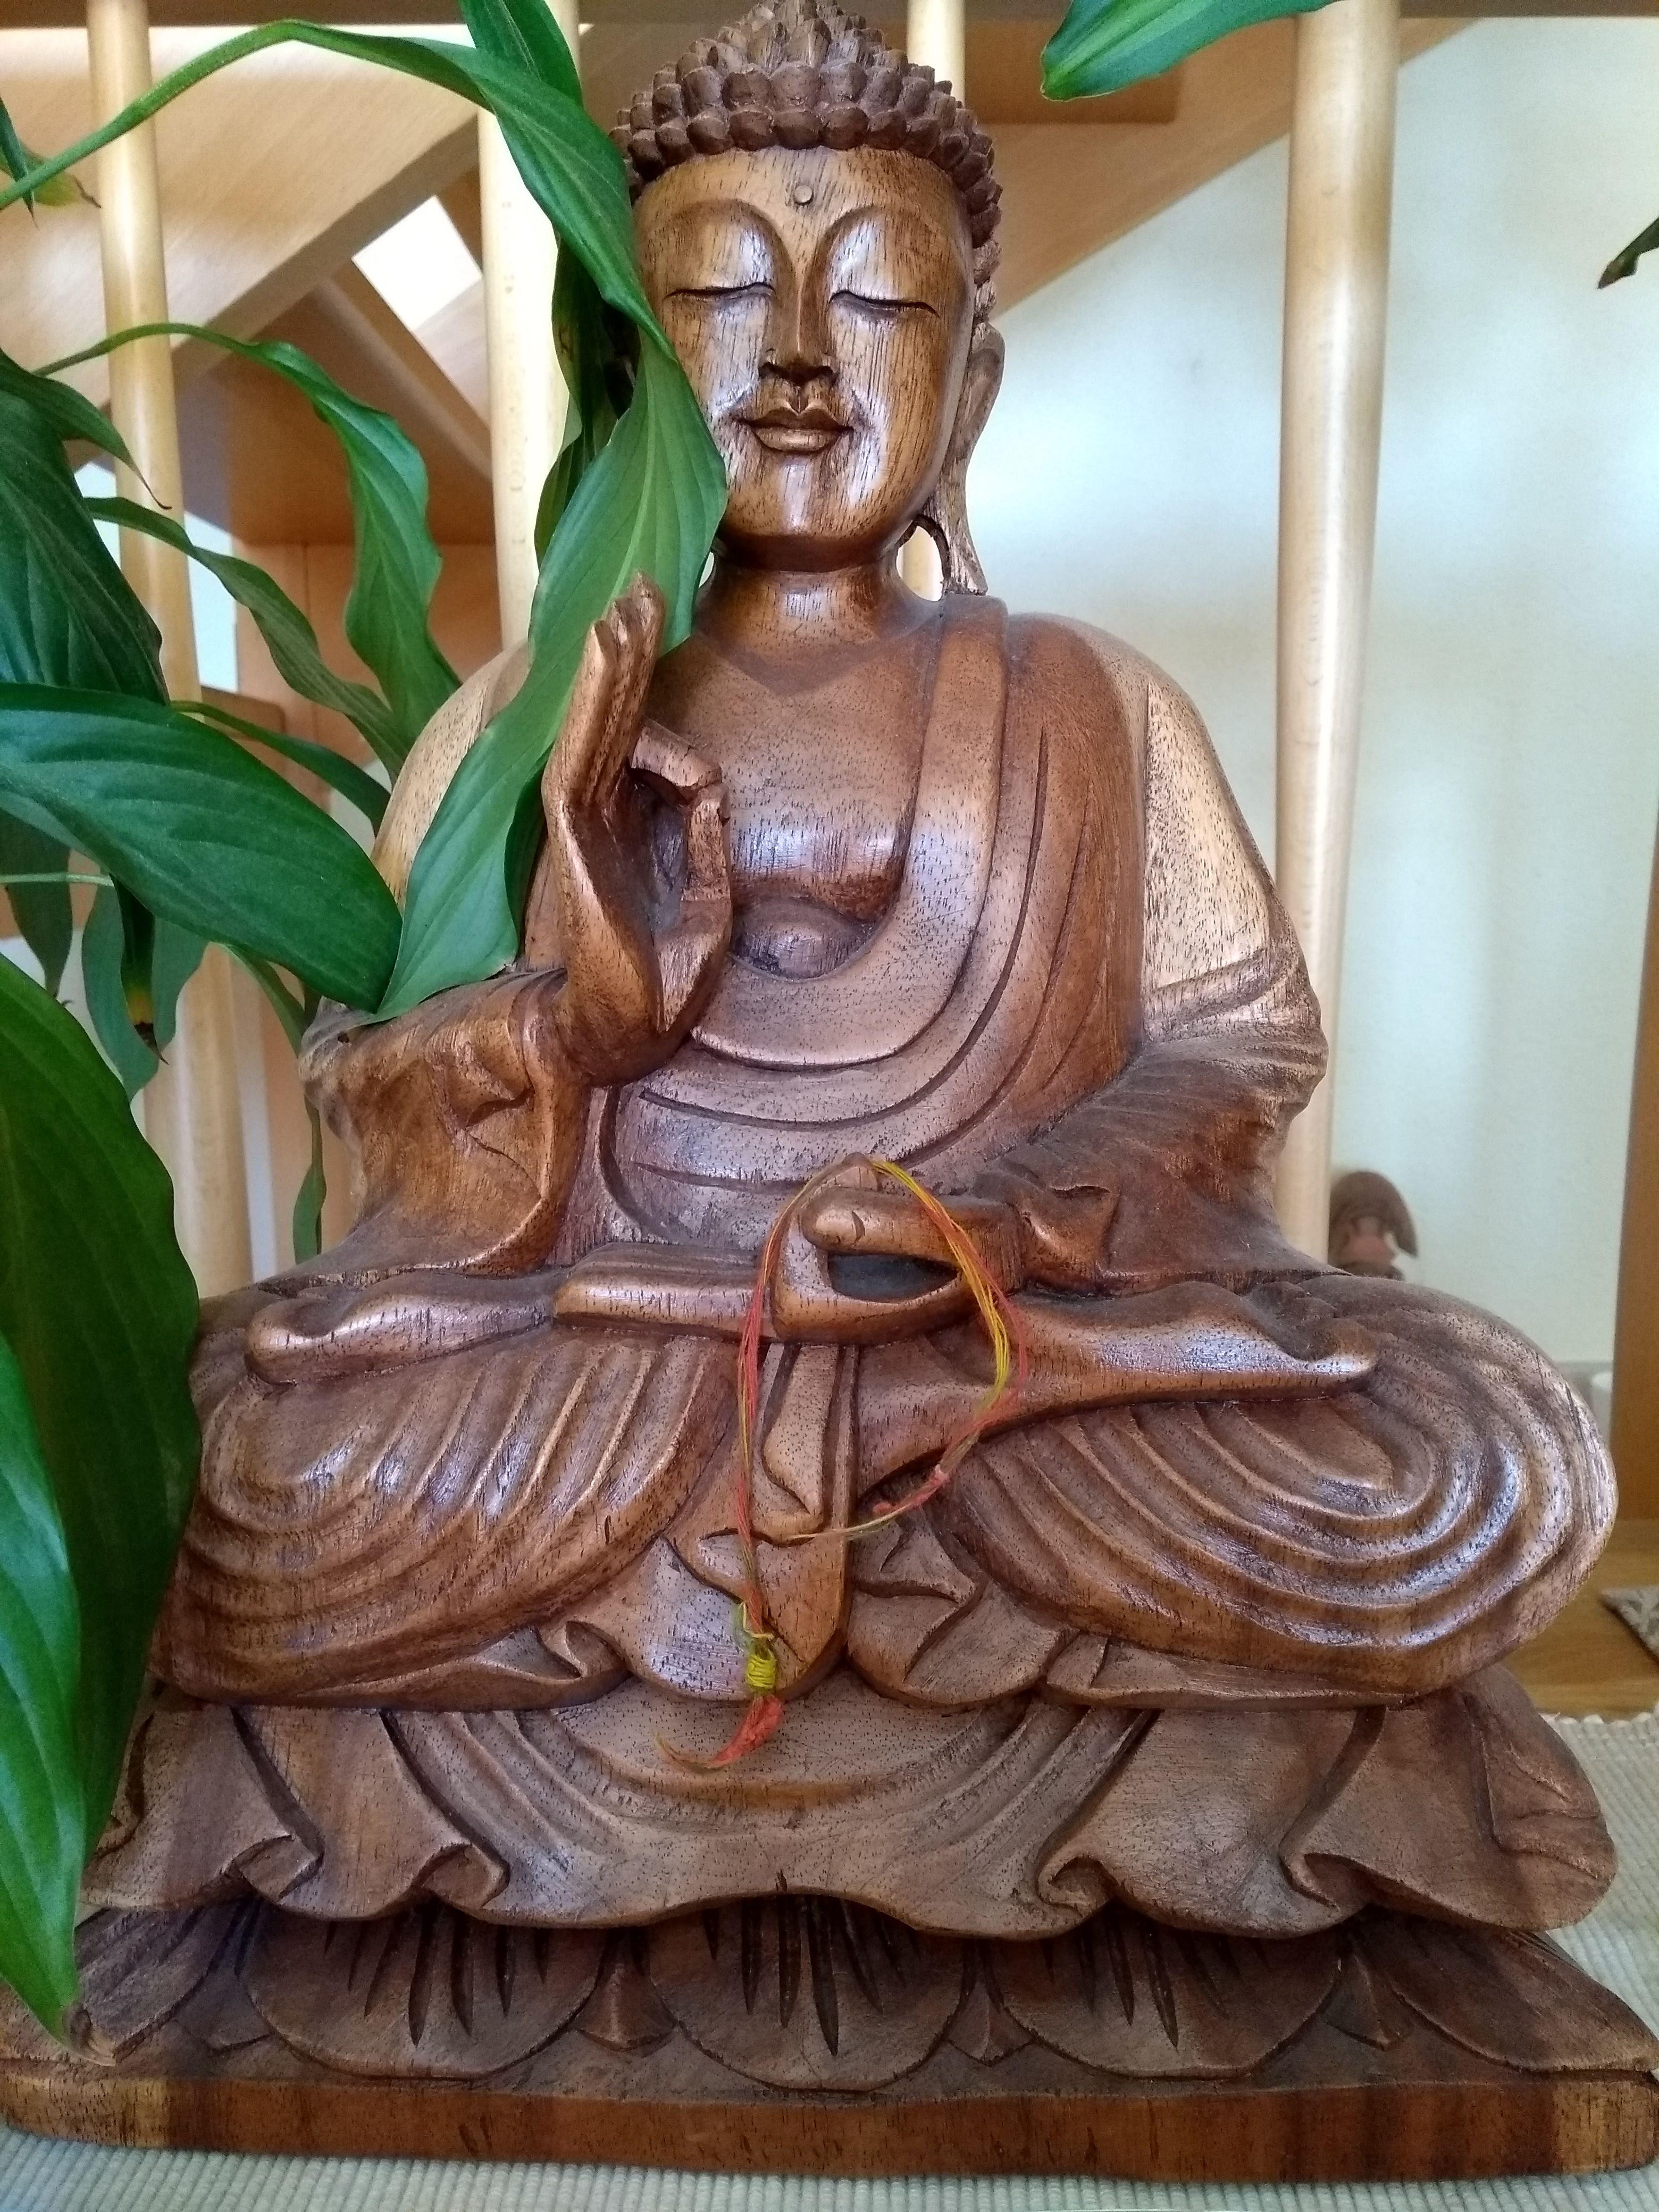 Bouddha_Swamiji